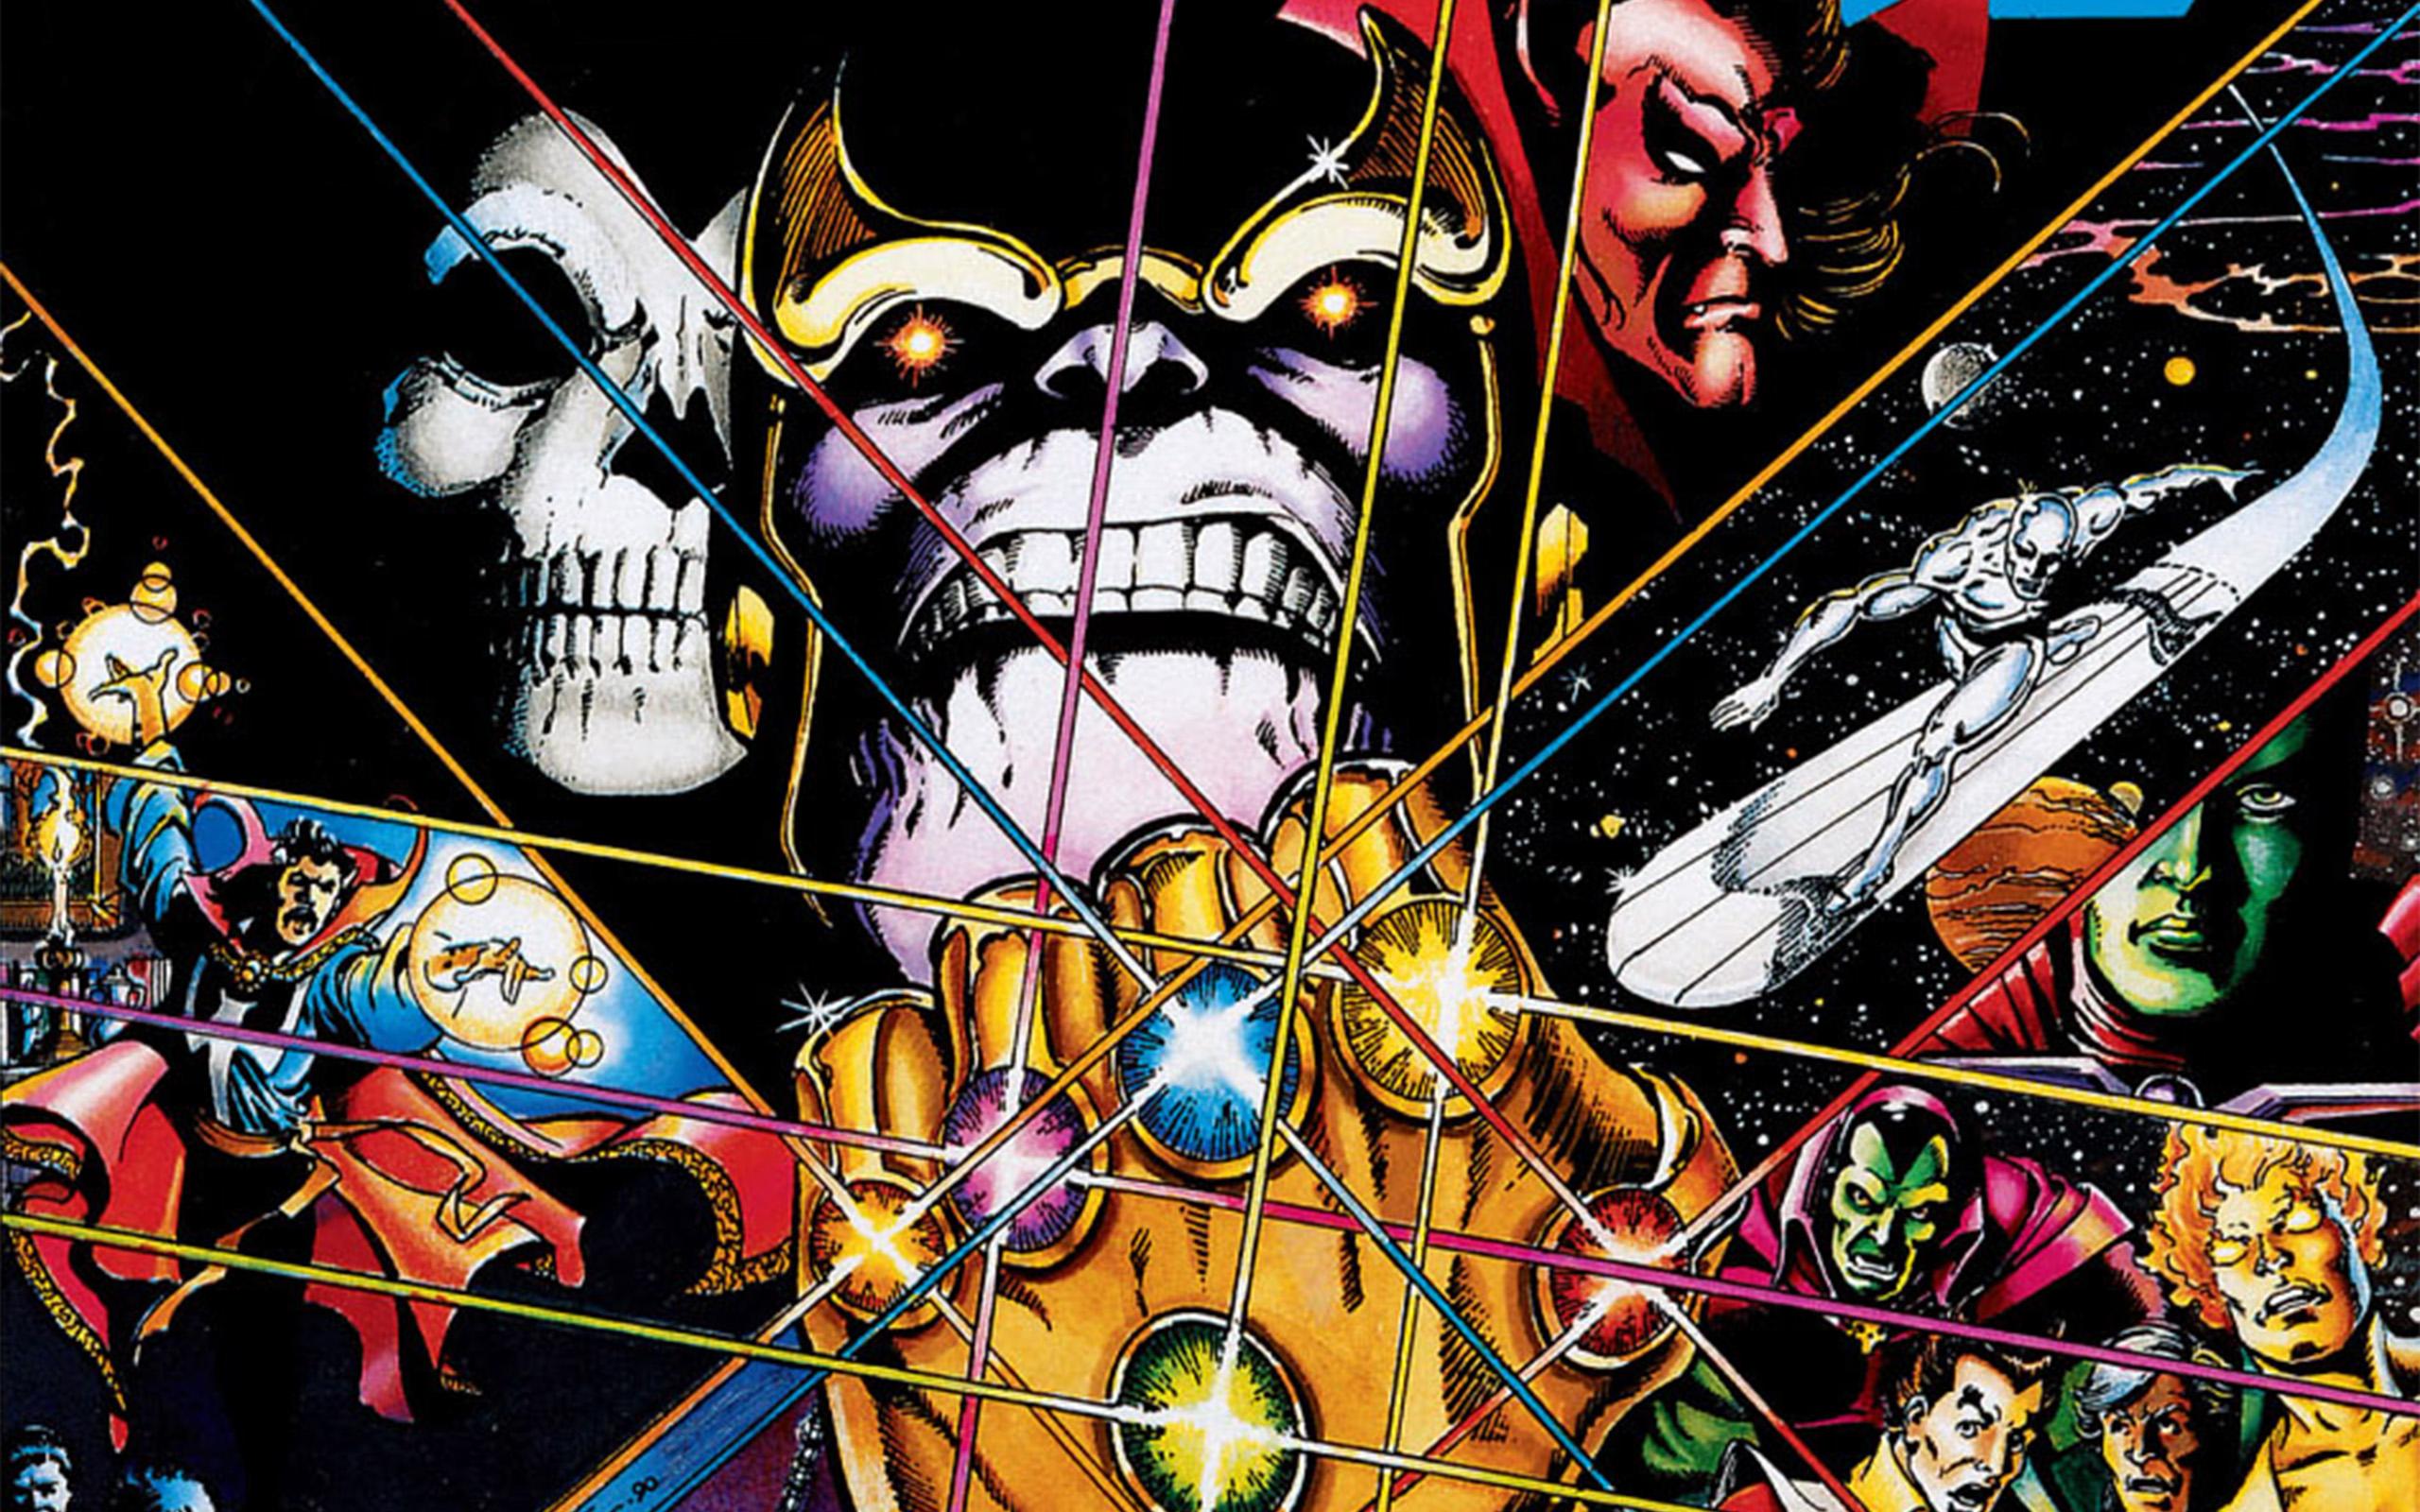 Most Inspiring Scott Lang Infinity War Wallpaper - the_infinity_gauntlet_wallpaper_by_ferncaz95-d846x3u  2018_3197 .jpg